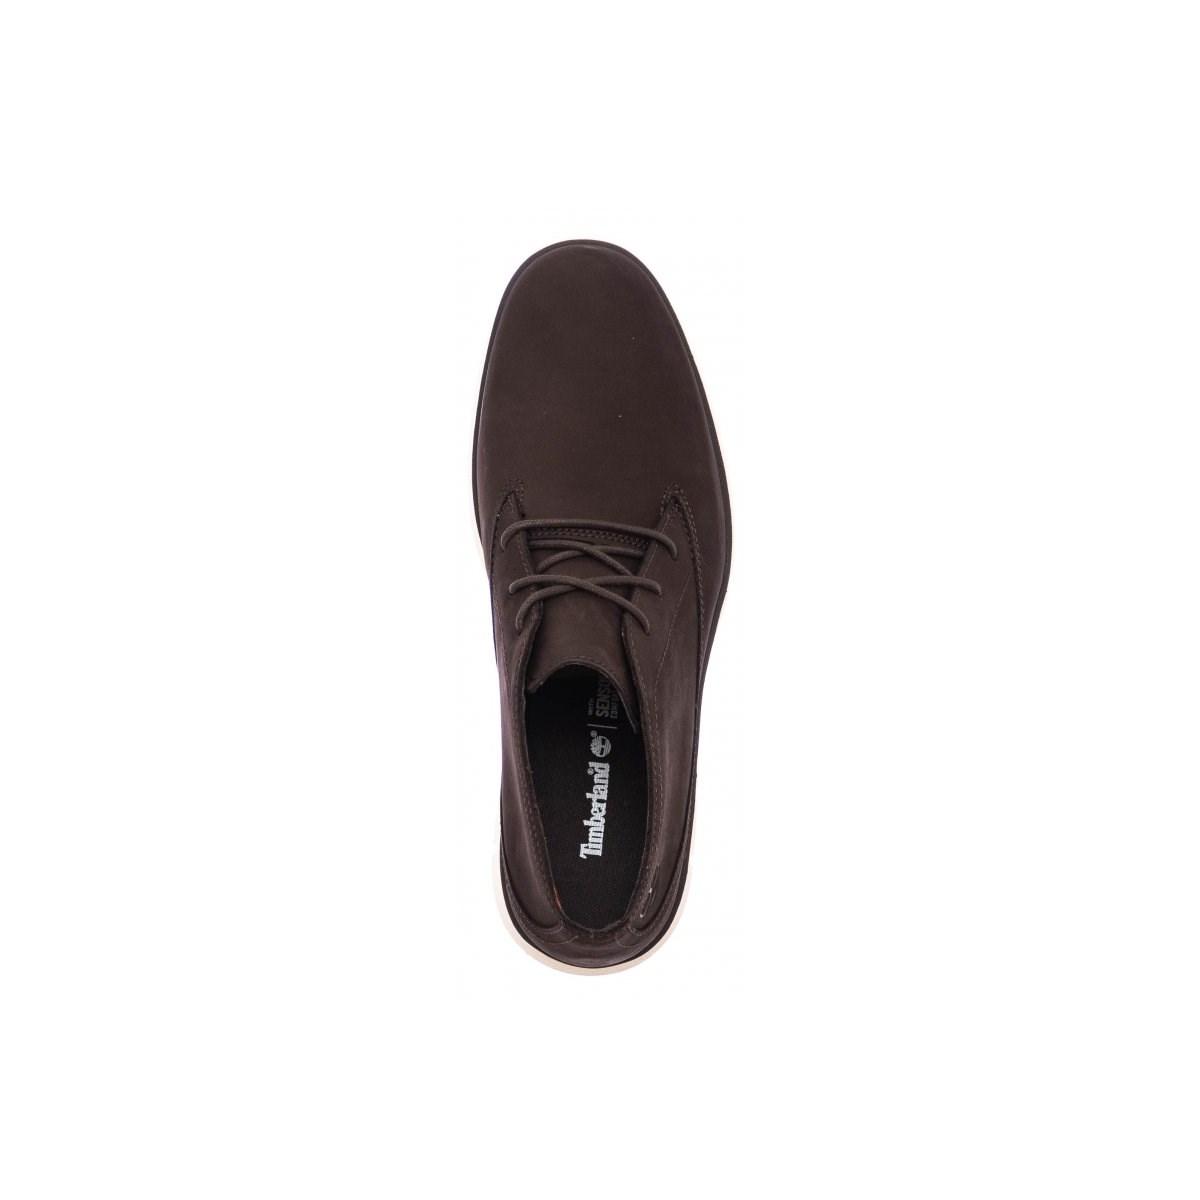 Bradstreet Pt Chukka Erkek Kahverengi Günlük Ayakkabı